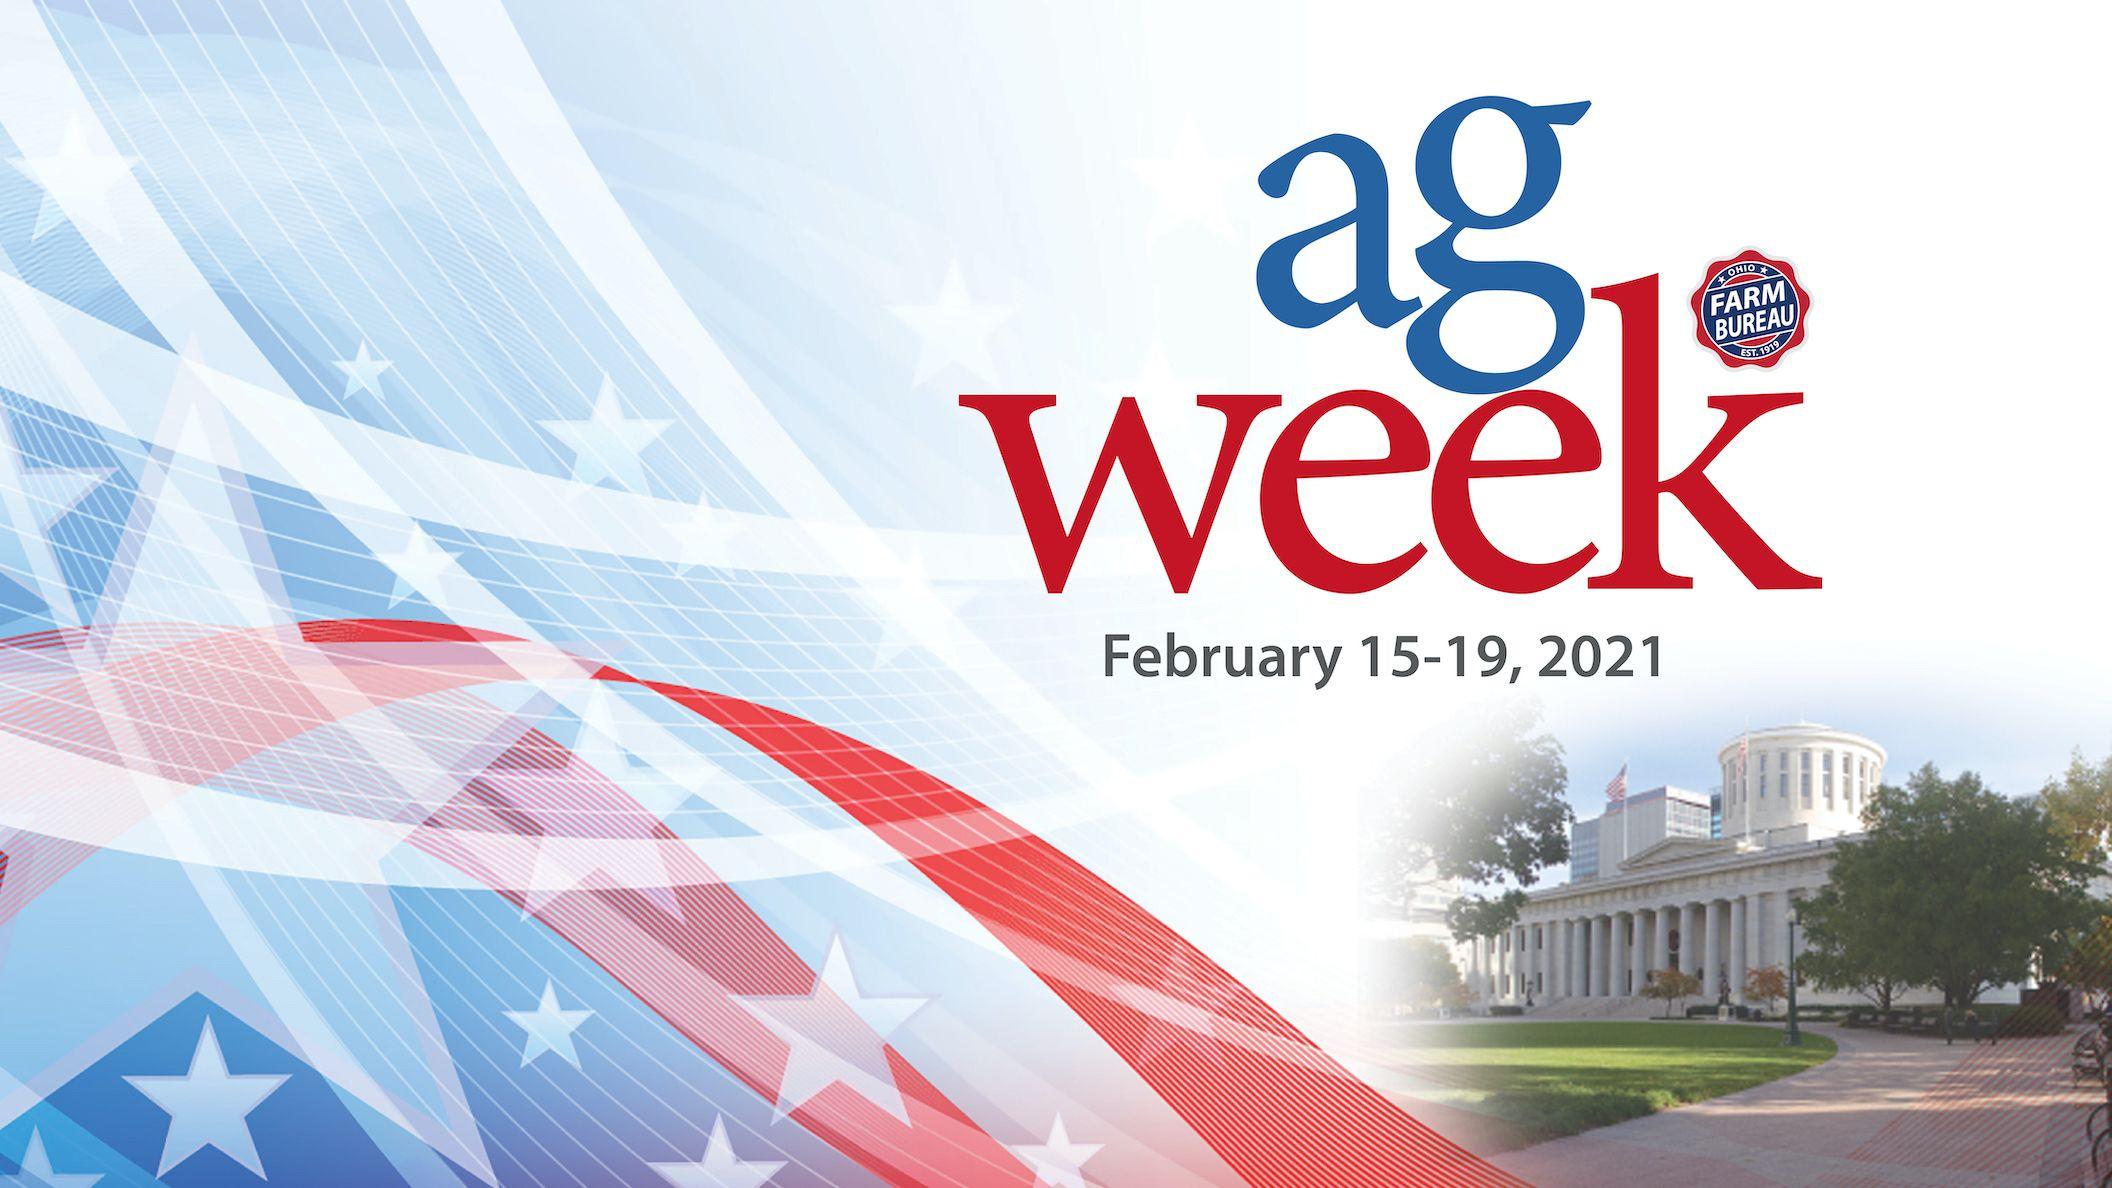 2021 Ohio Farm Bureau Ag Week